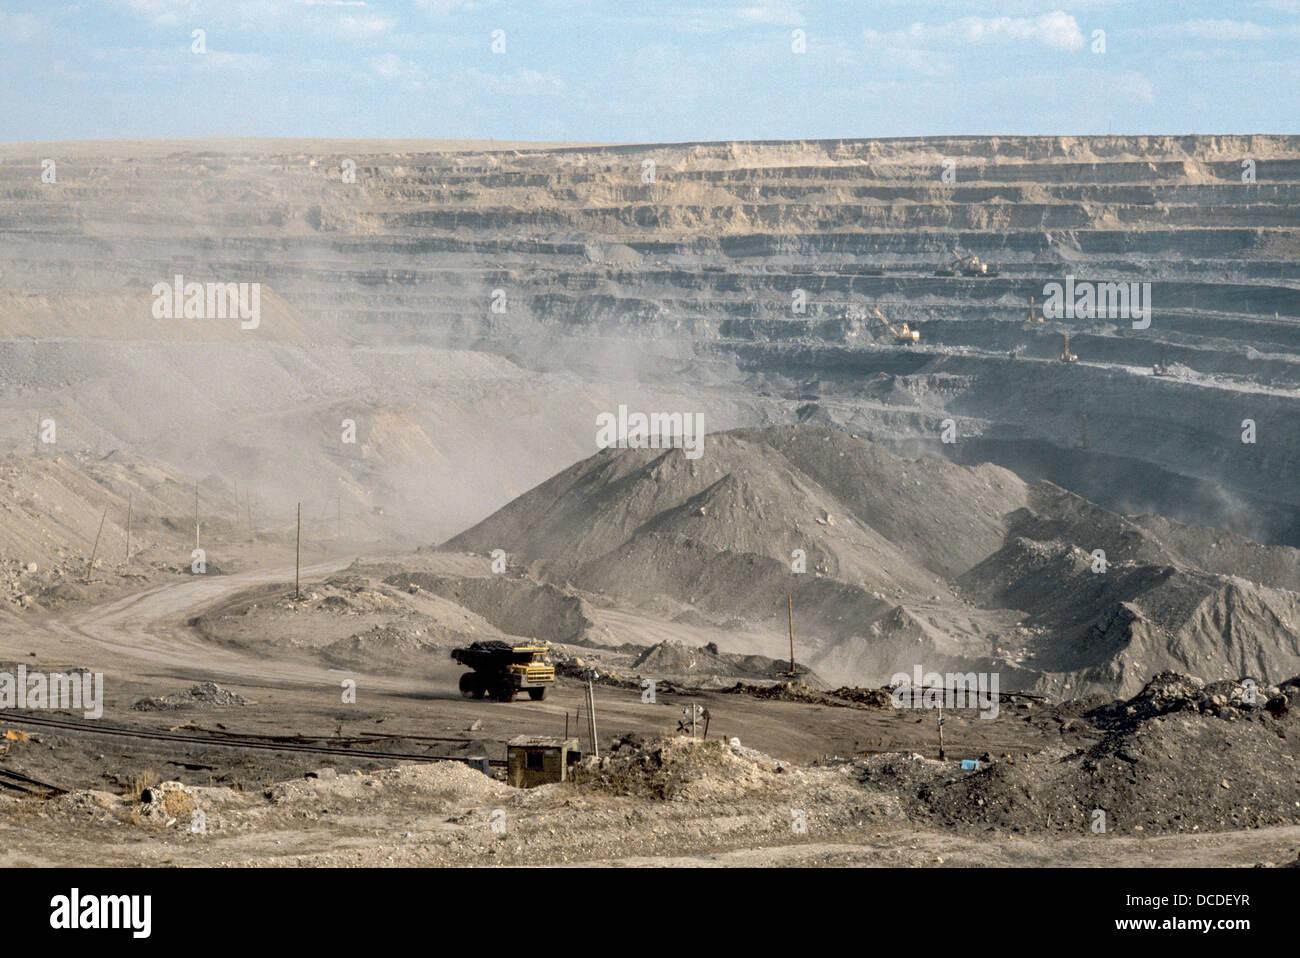 Open caste coal mining. Erdenet. Mongolia - Stock Image